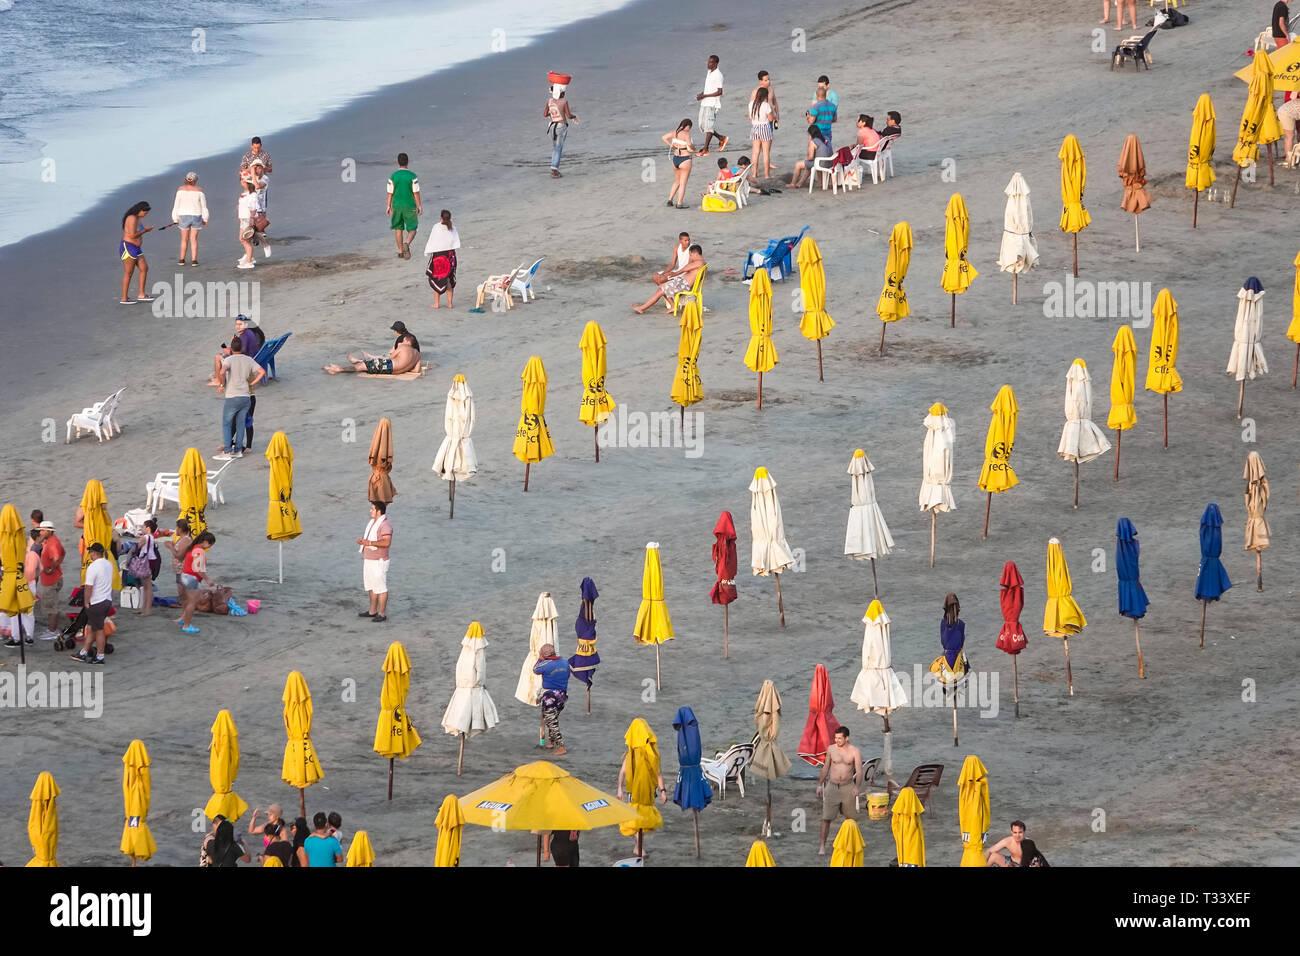 Cartagena Kolumbien Bocagrande Karibik öffentlichen Strand sand Wasser Sonnenschirme gelb Vermietung Hispanic Bewohner Bewohner Mann Frau Stockbild